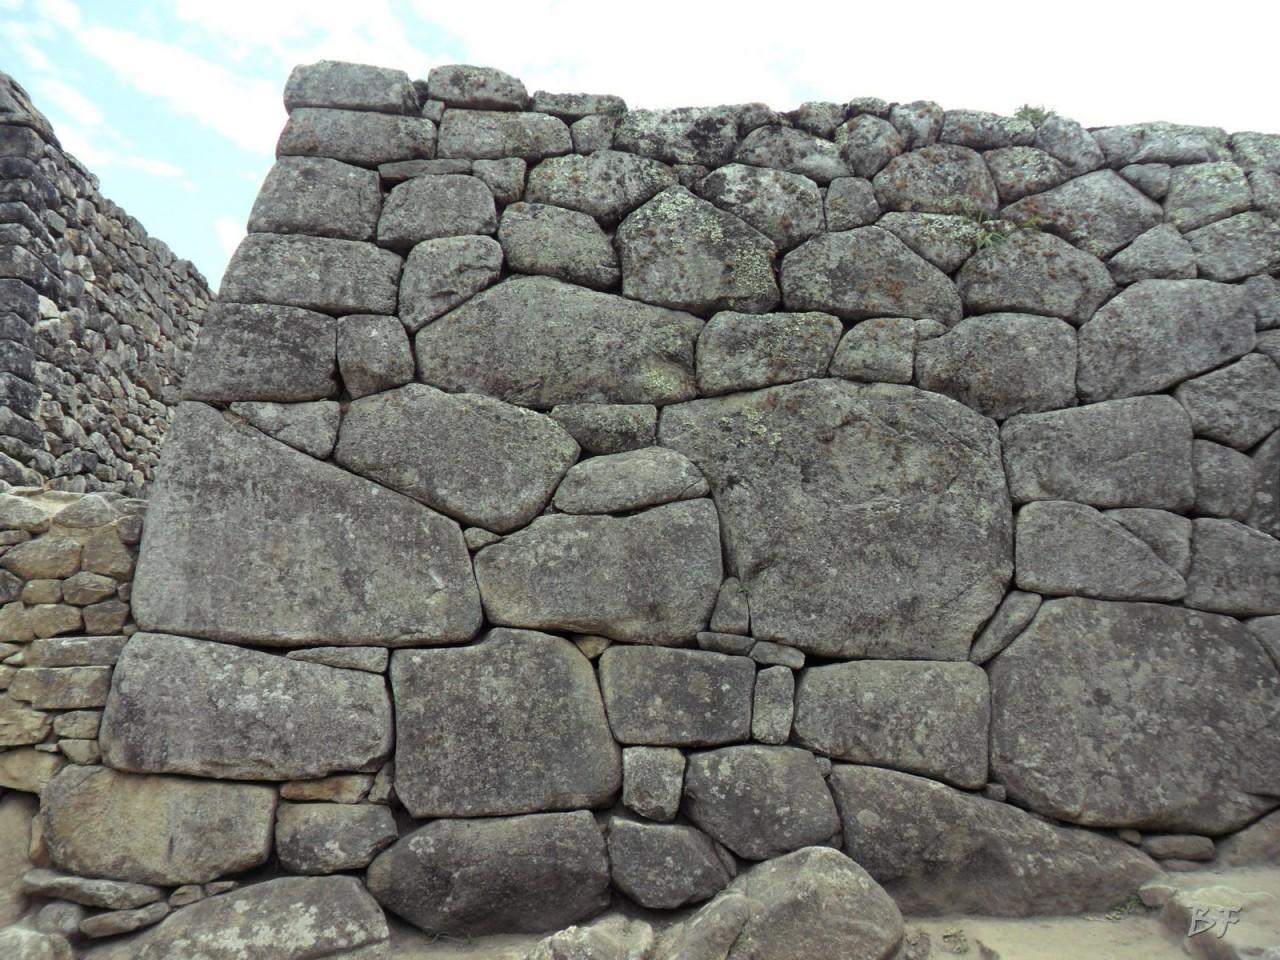 Mura-Poligonali-Incisioni-Altari-Edifici-Rupestri-Megaliti-Machu-Picchu-Aguas-Calientes-Urubamba-Cusco-Perù-131